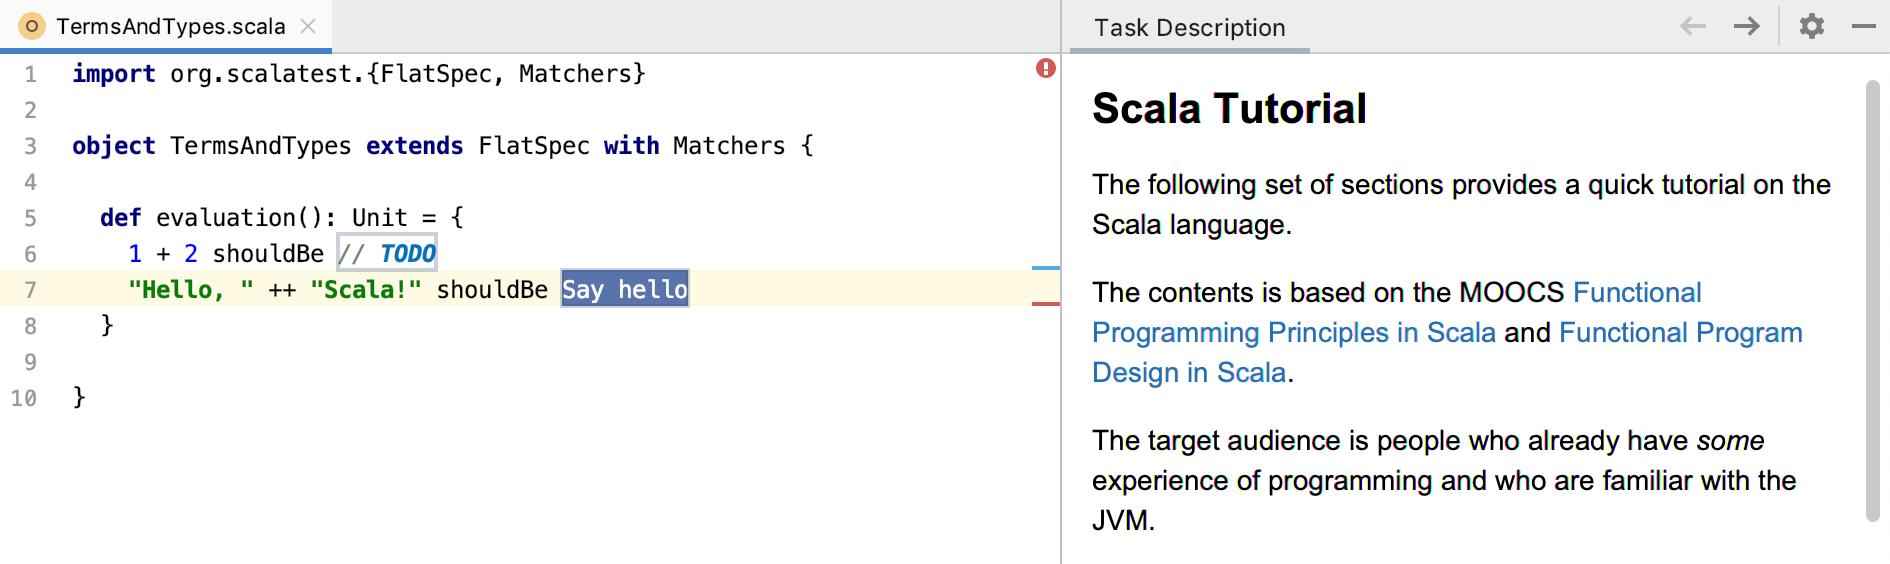 edu task description scala tutorial